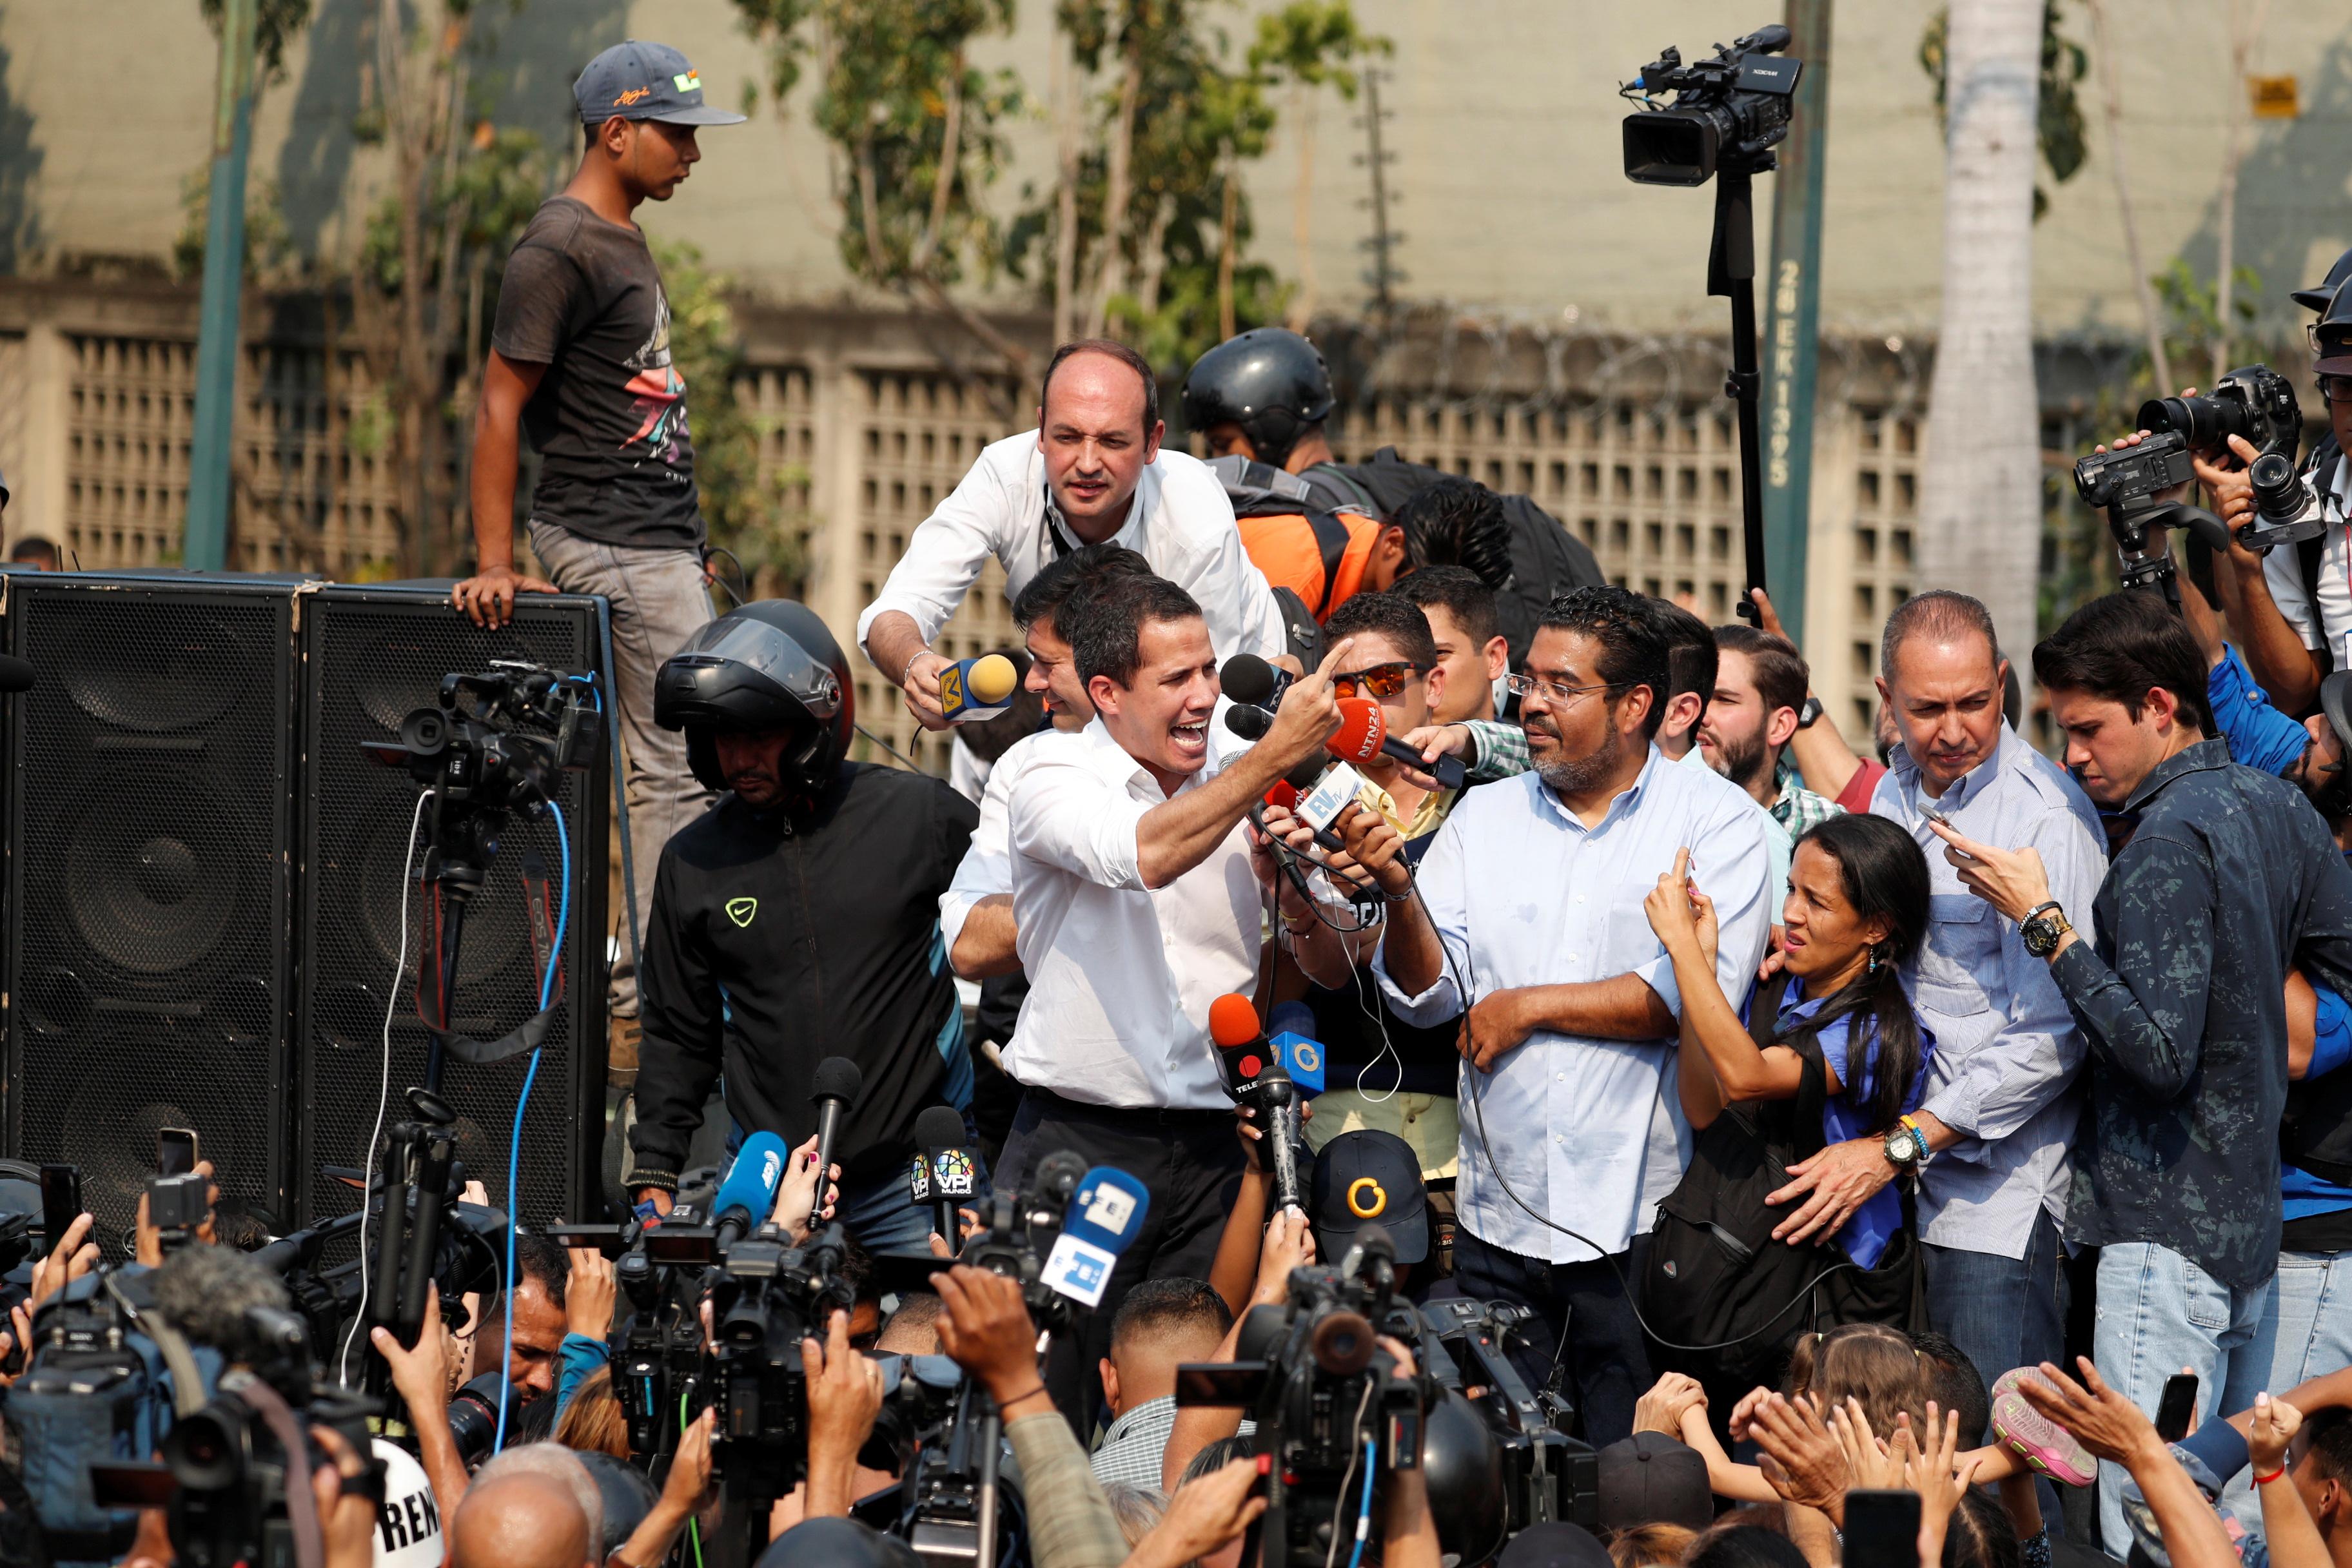 زعيم المعارضة يتحدث إلى مؤيديه فى أحد ميادين كاراكاس